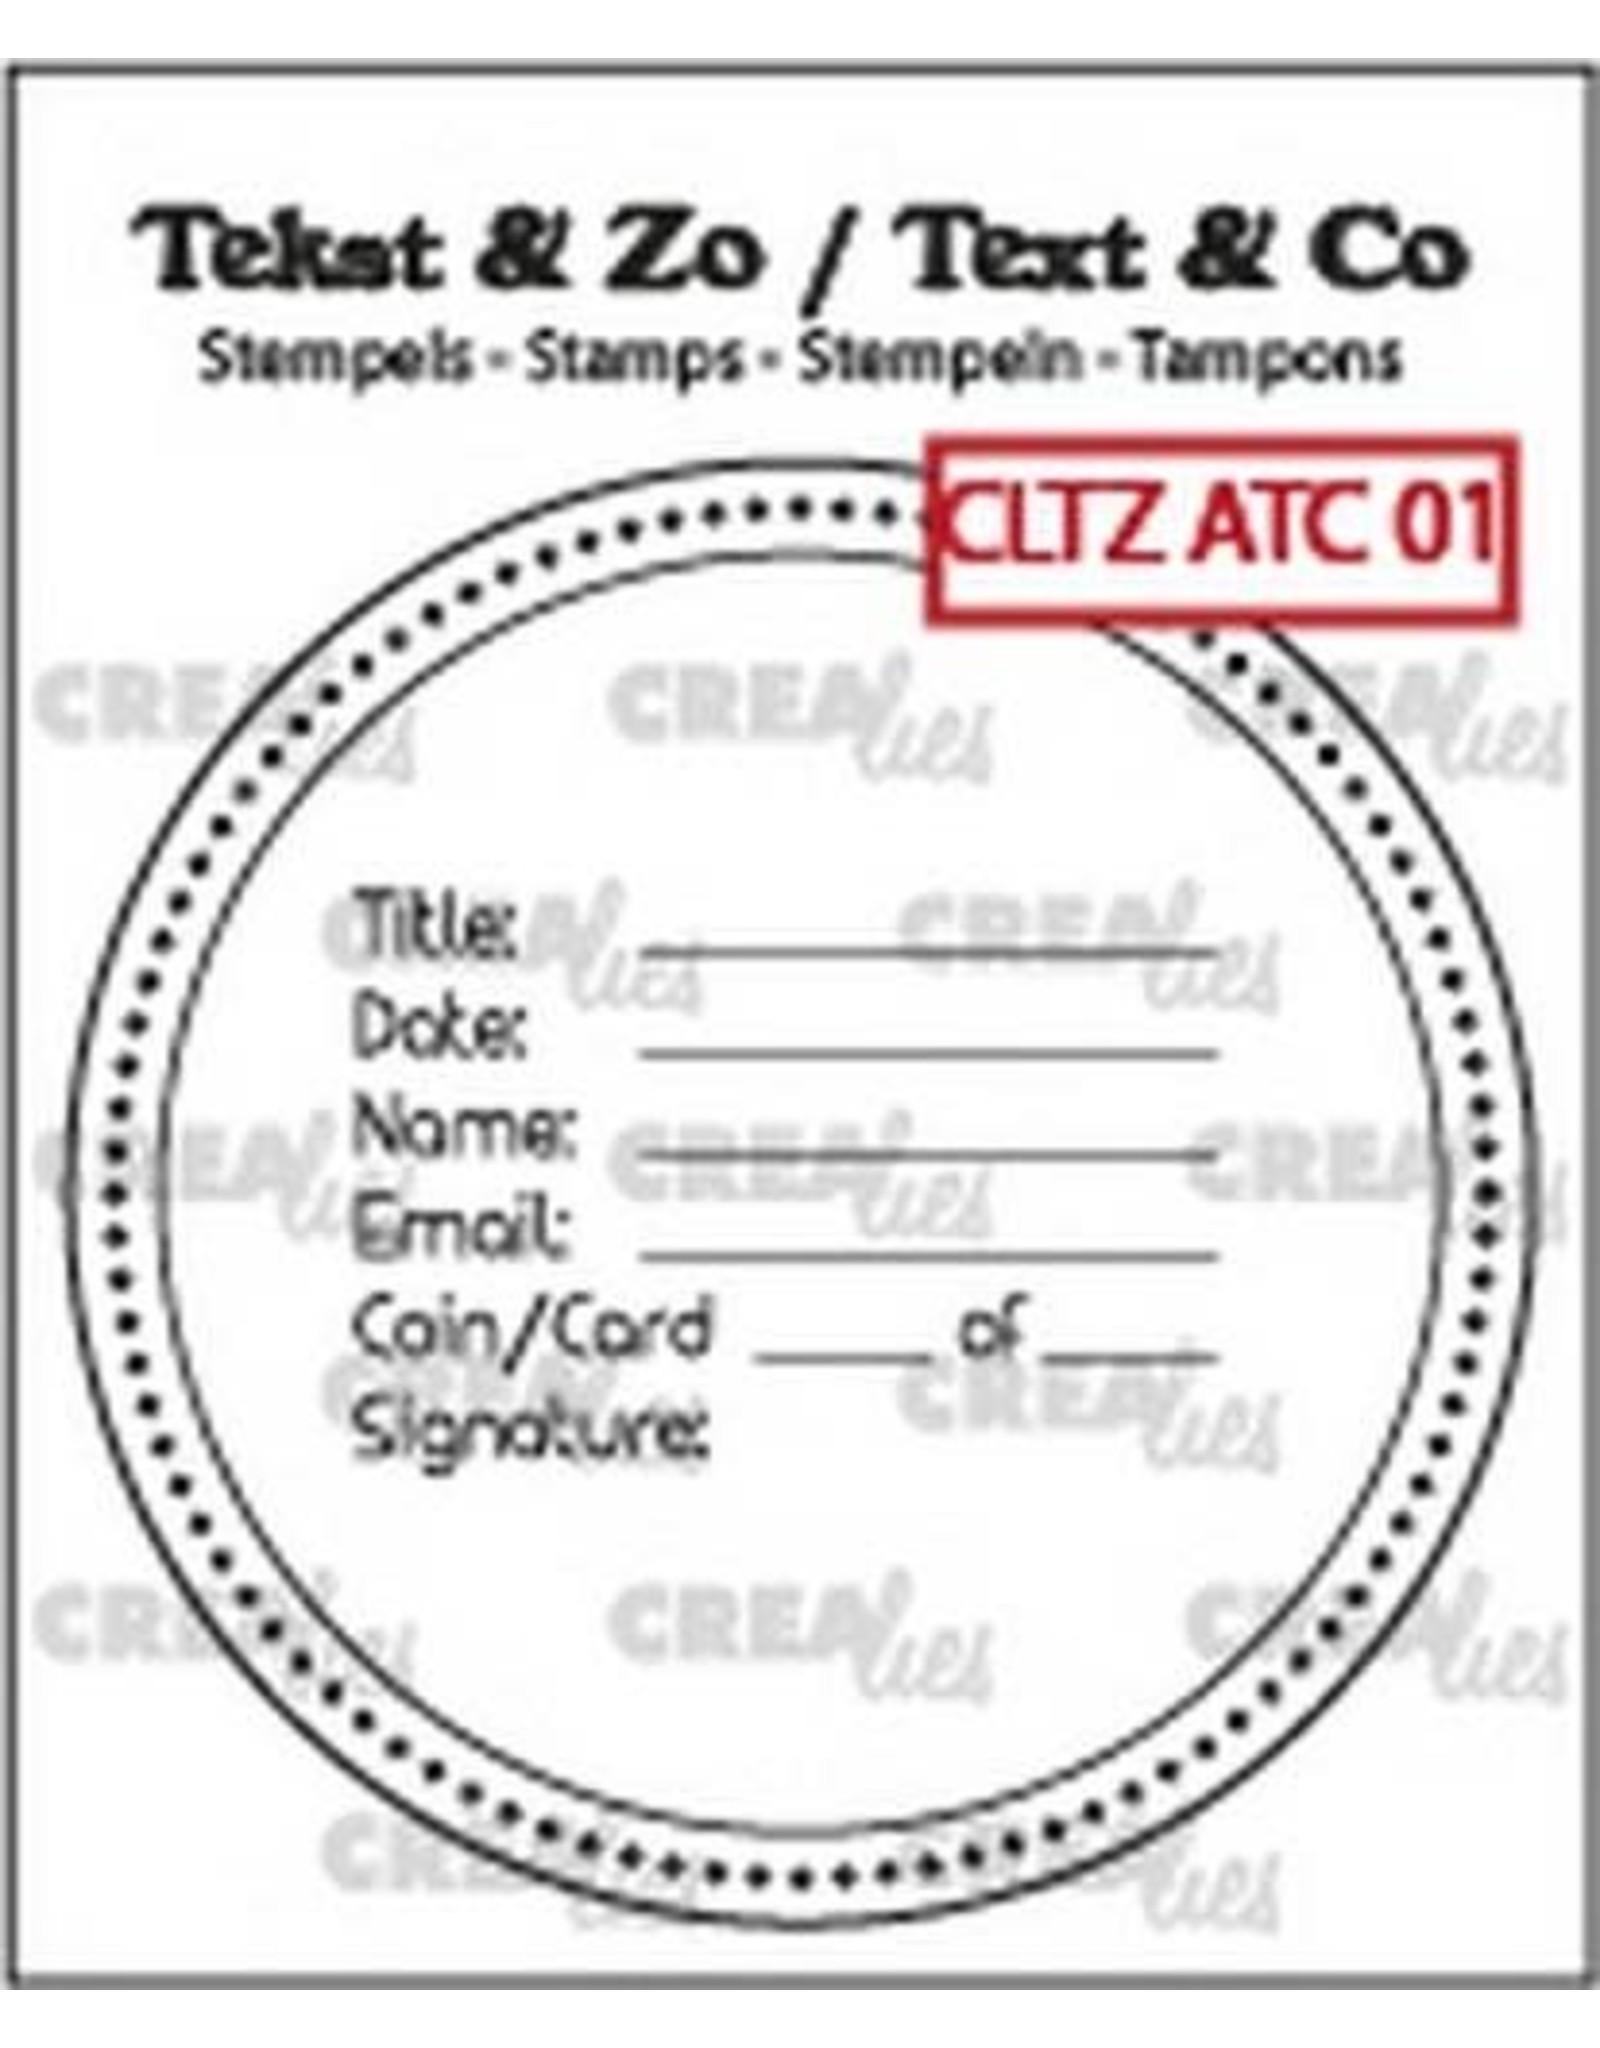 Crealies Clearstamp Tekst & Zo tekst voor ATC/AT Coin CLTZATC01 51 x 51 mm